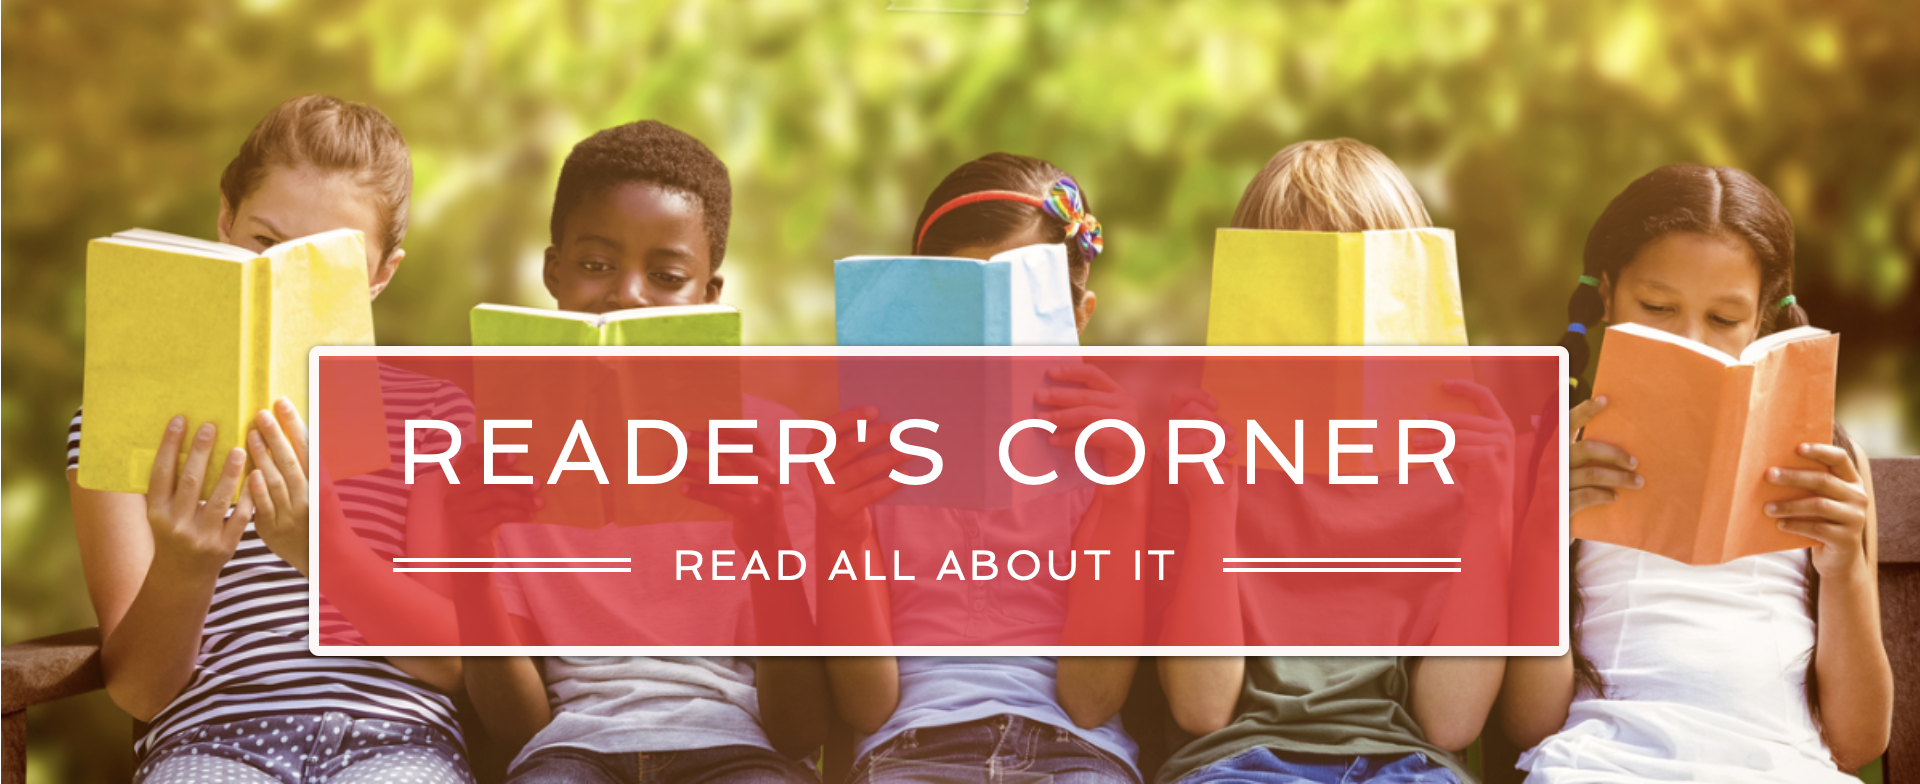 Reader's Corner blog